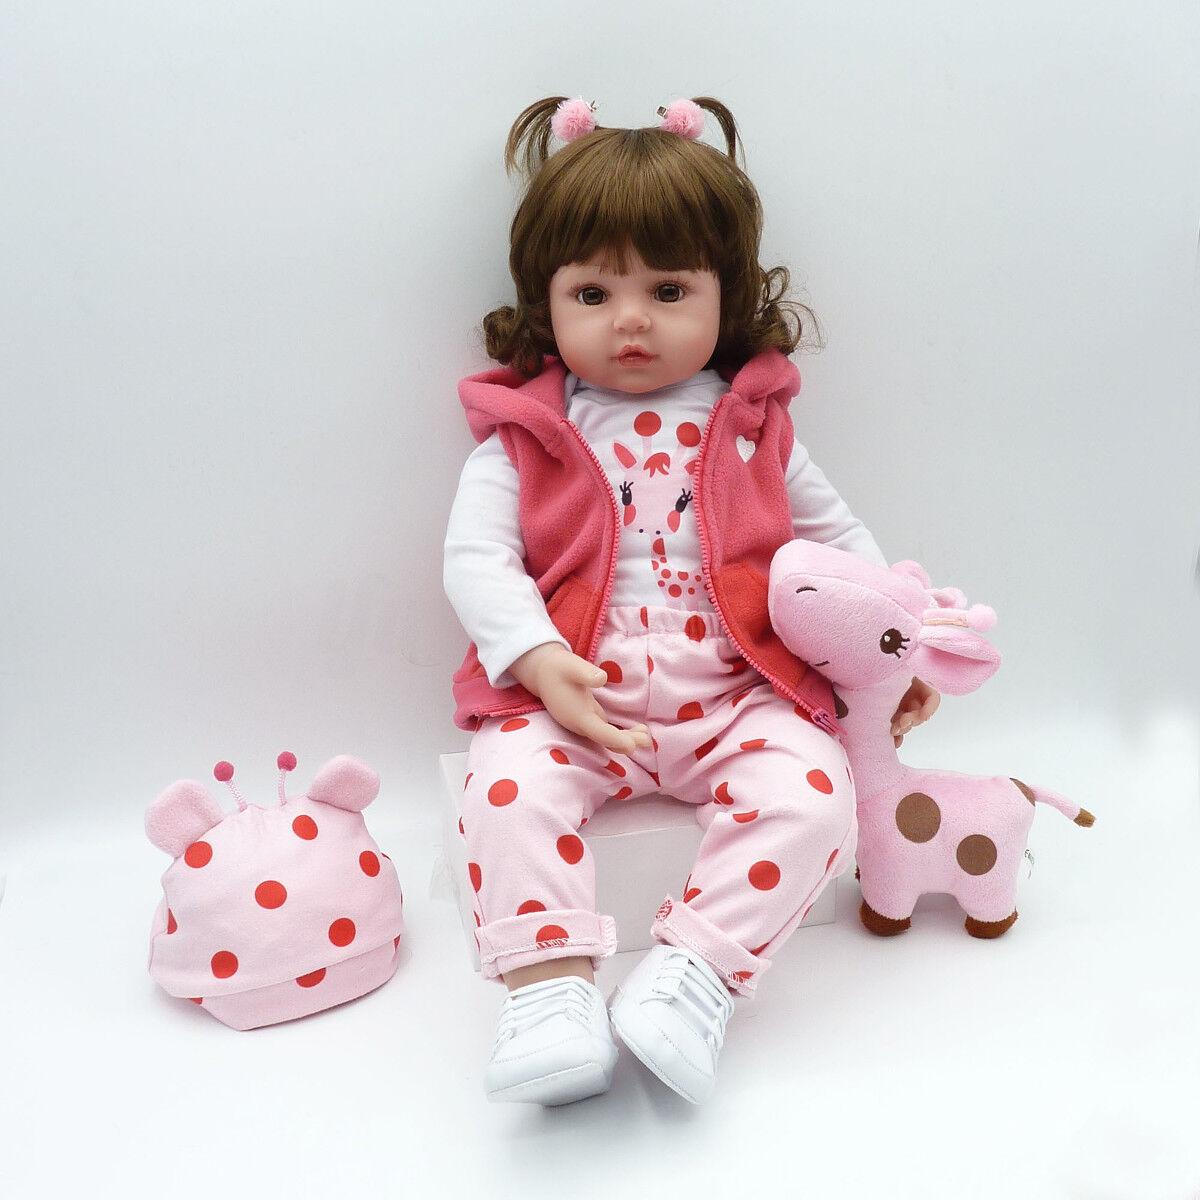 55cm Silikon Lebensecht Mädchen Reborn Baby Puppe Babypuppe Kleider + Nippel